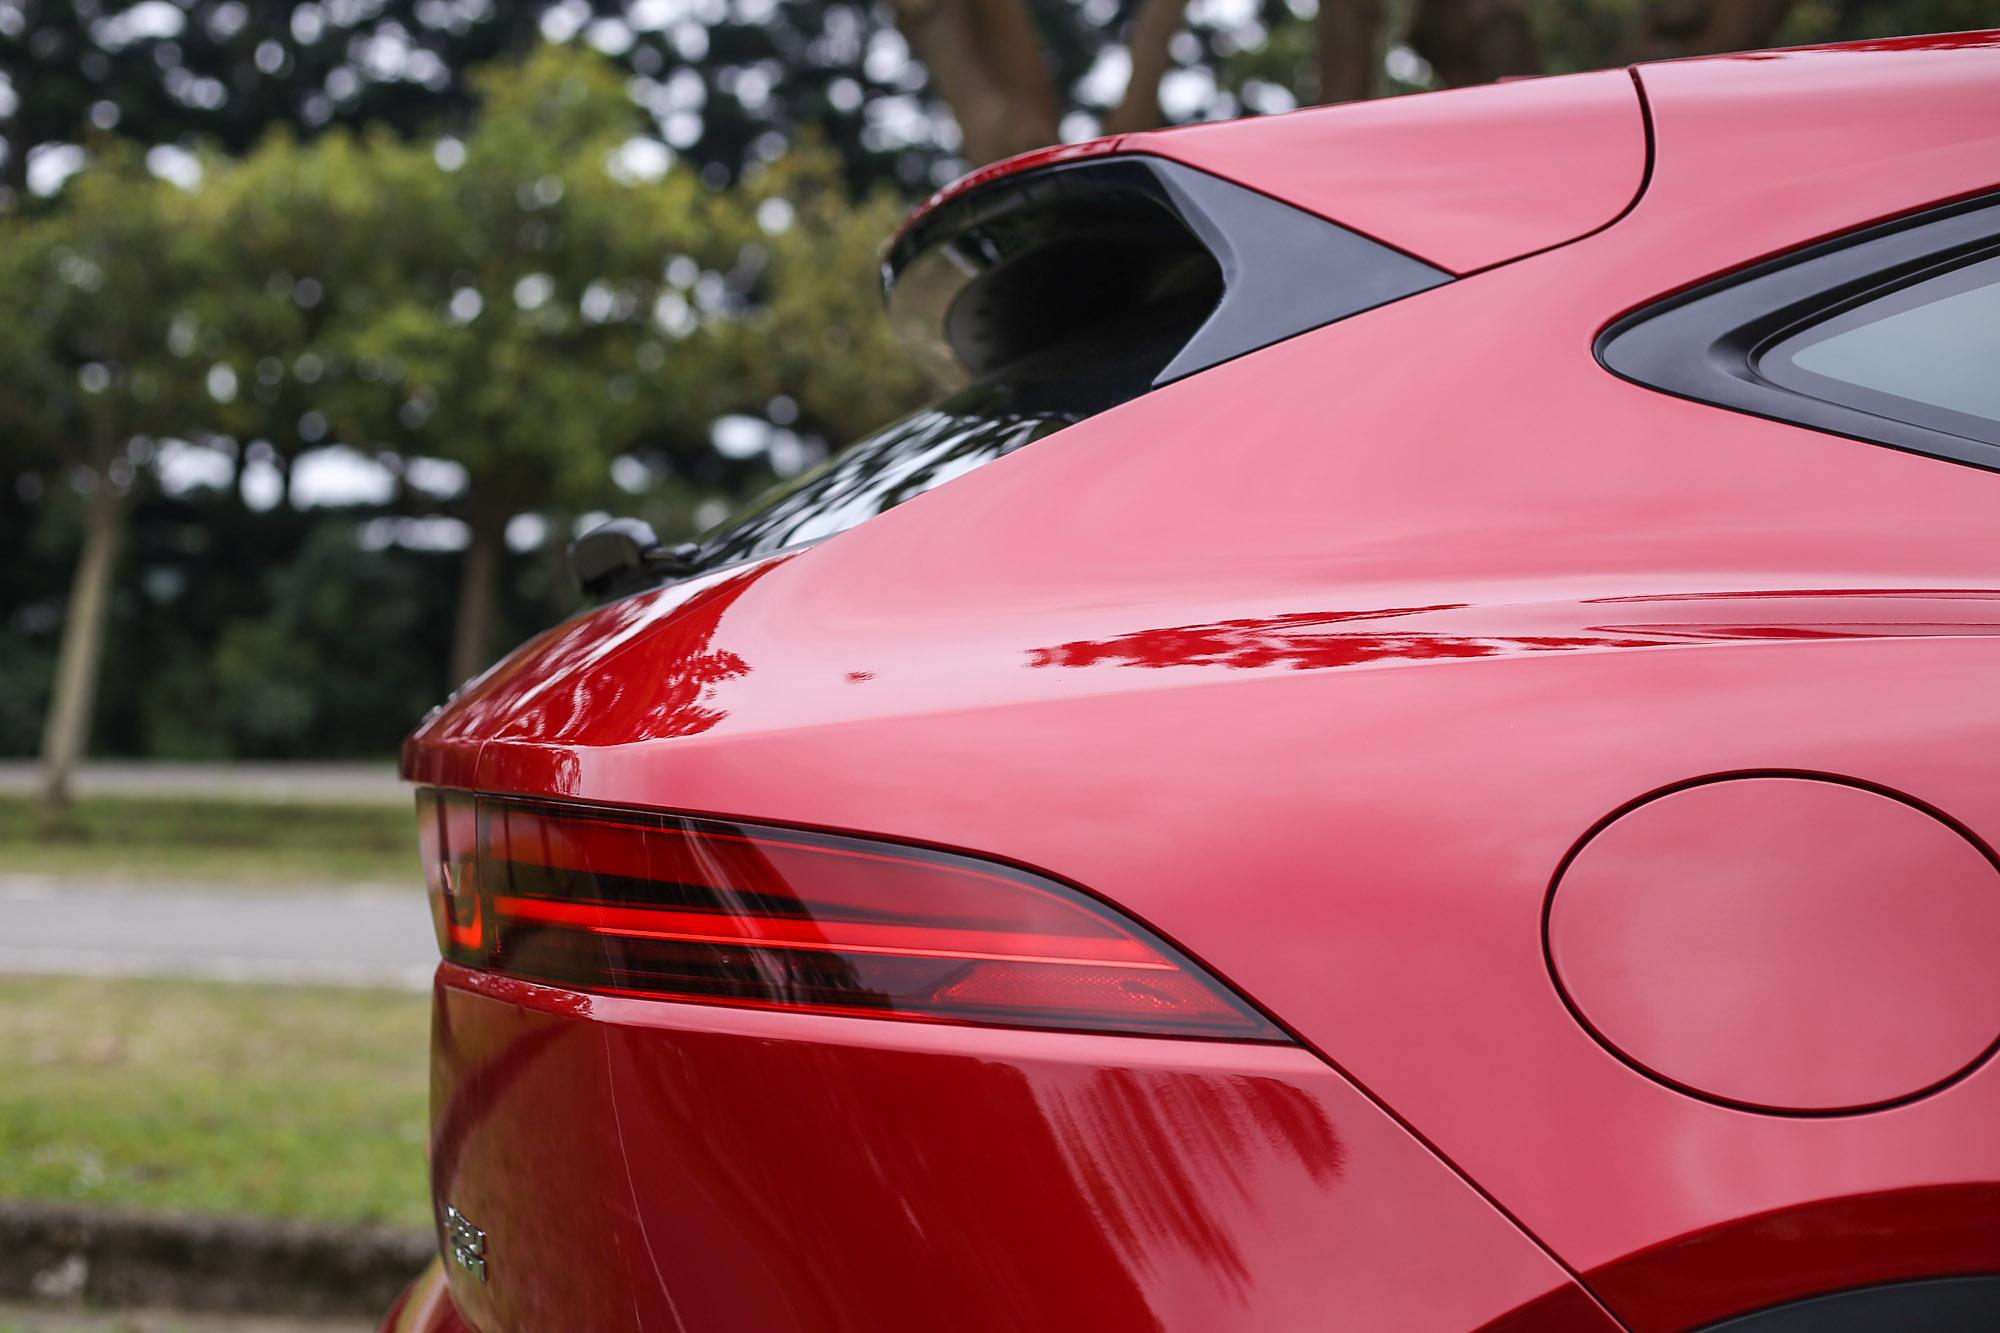 與當家跑車F-Type師出同源的美臀設計。